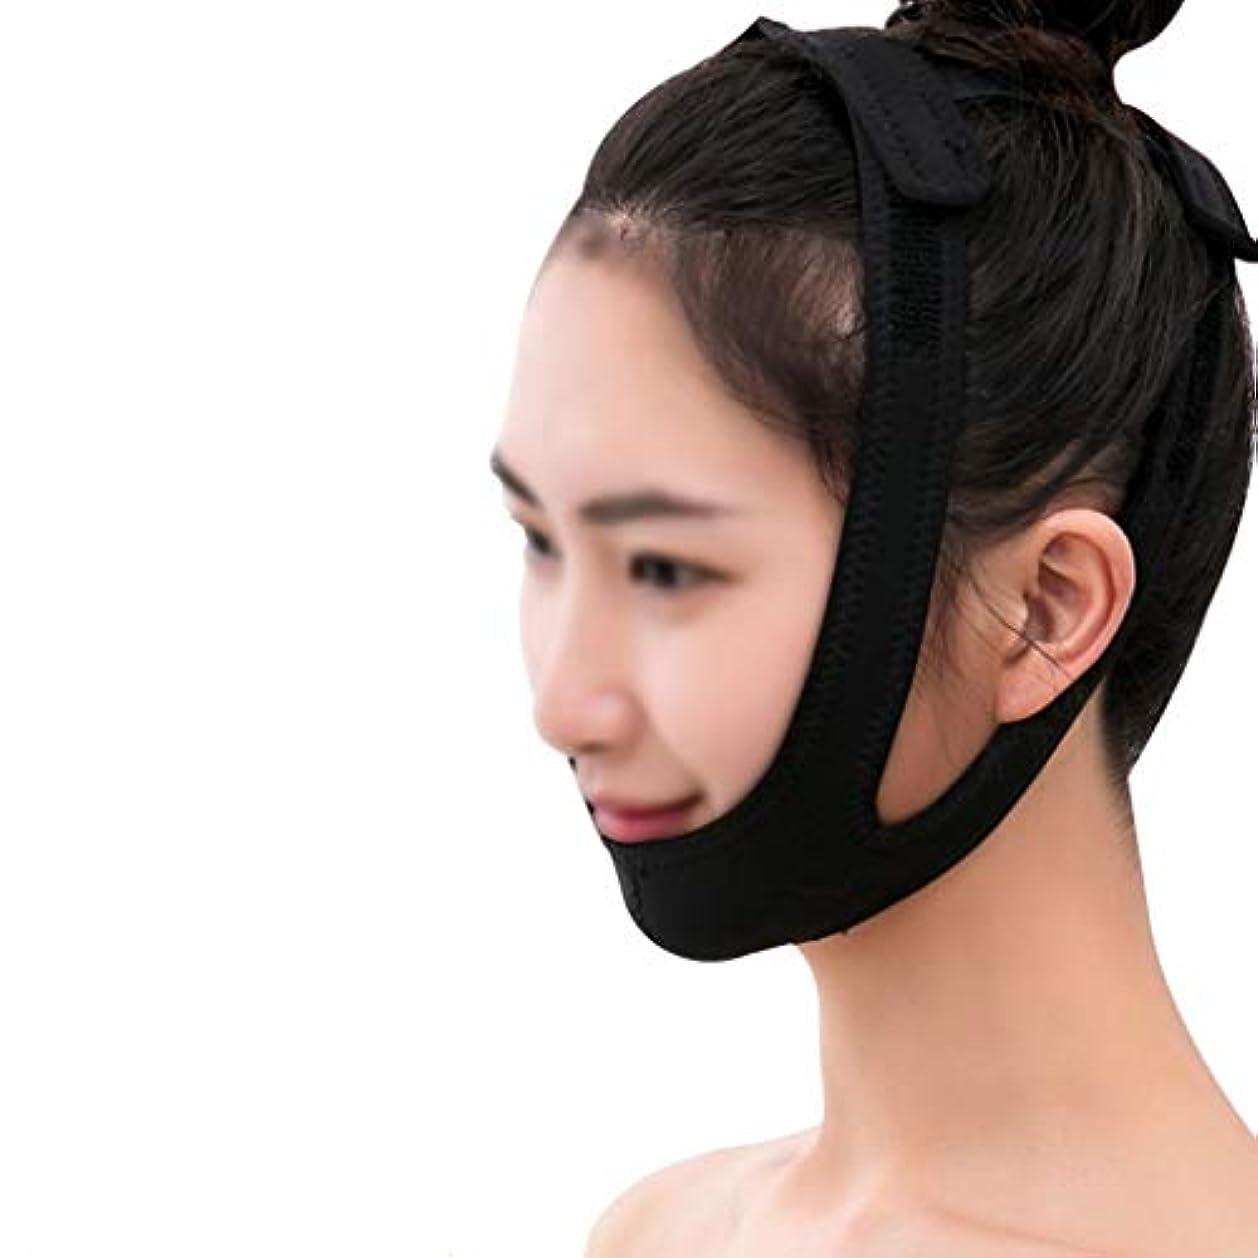 ベーシックフックゲインセイフェイシャルリフティングマスク、医療用ワイヤーカービングリカバリーヘッドギアVフェイスバンデージダブルチンフェイスリフトマスクブラック